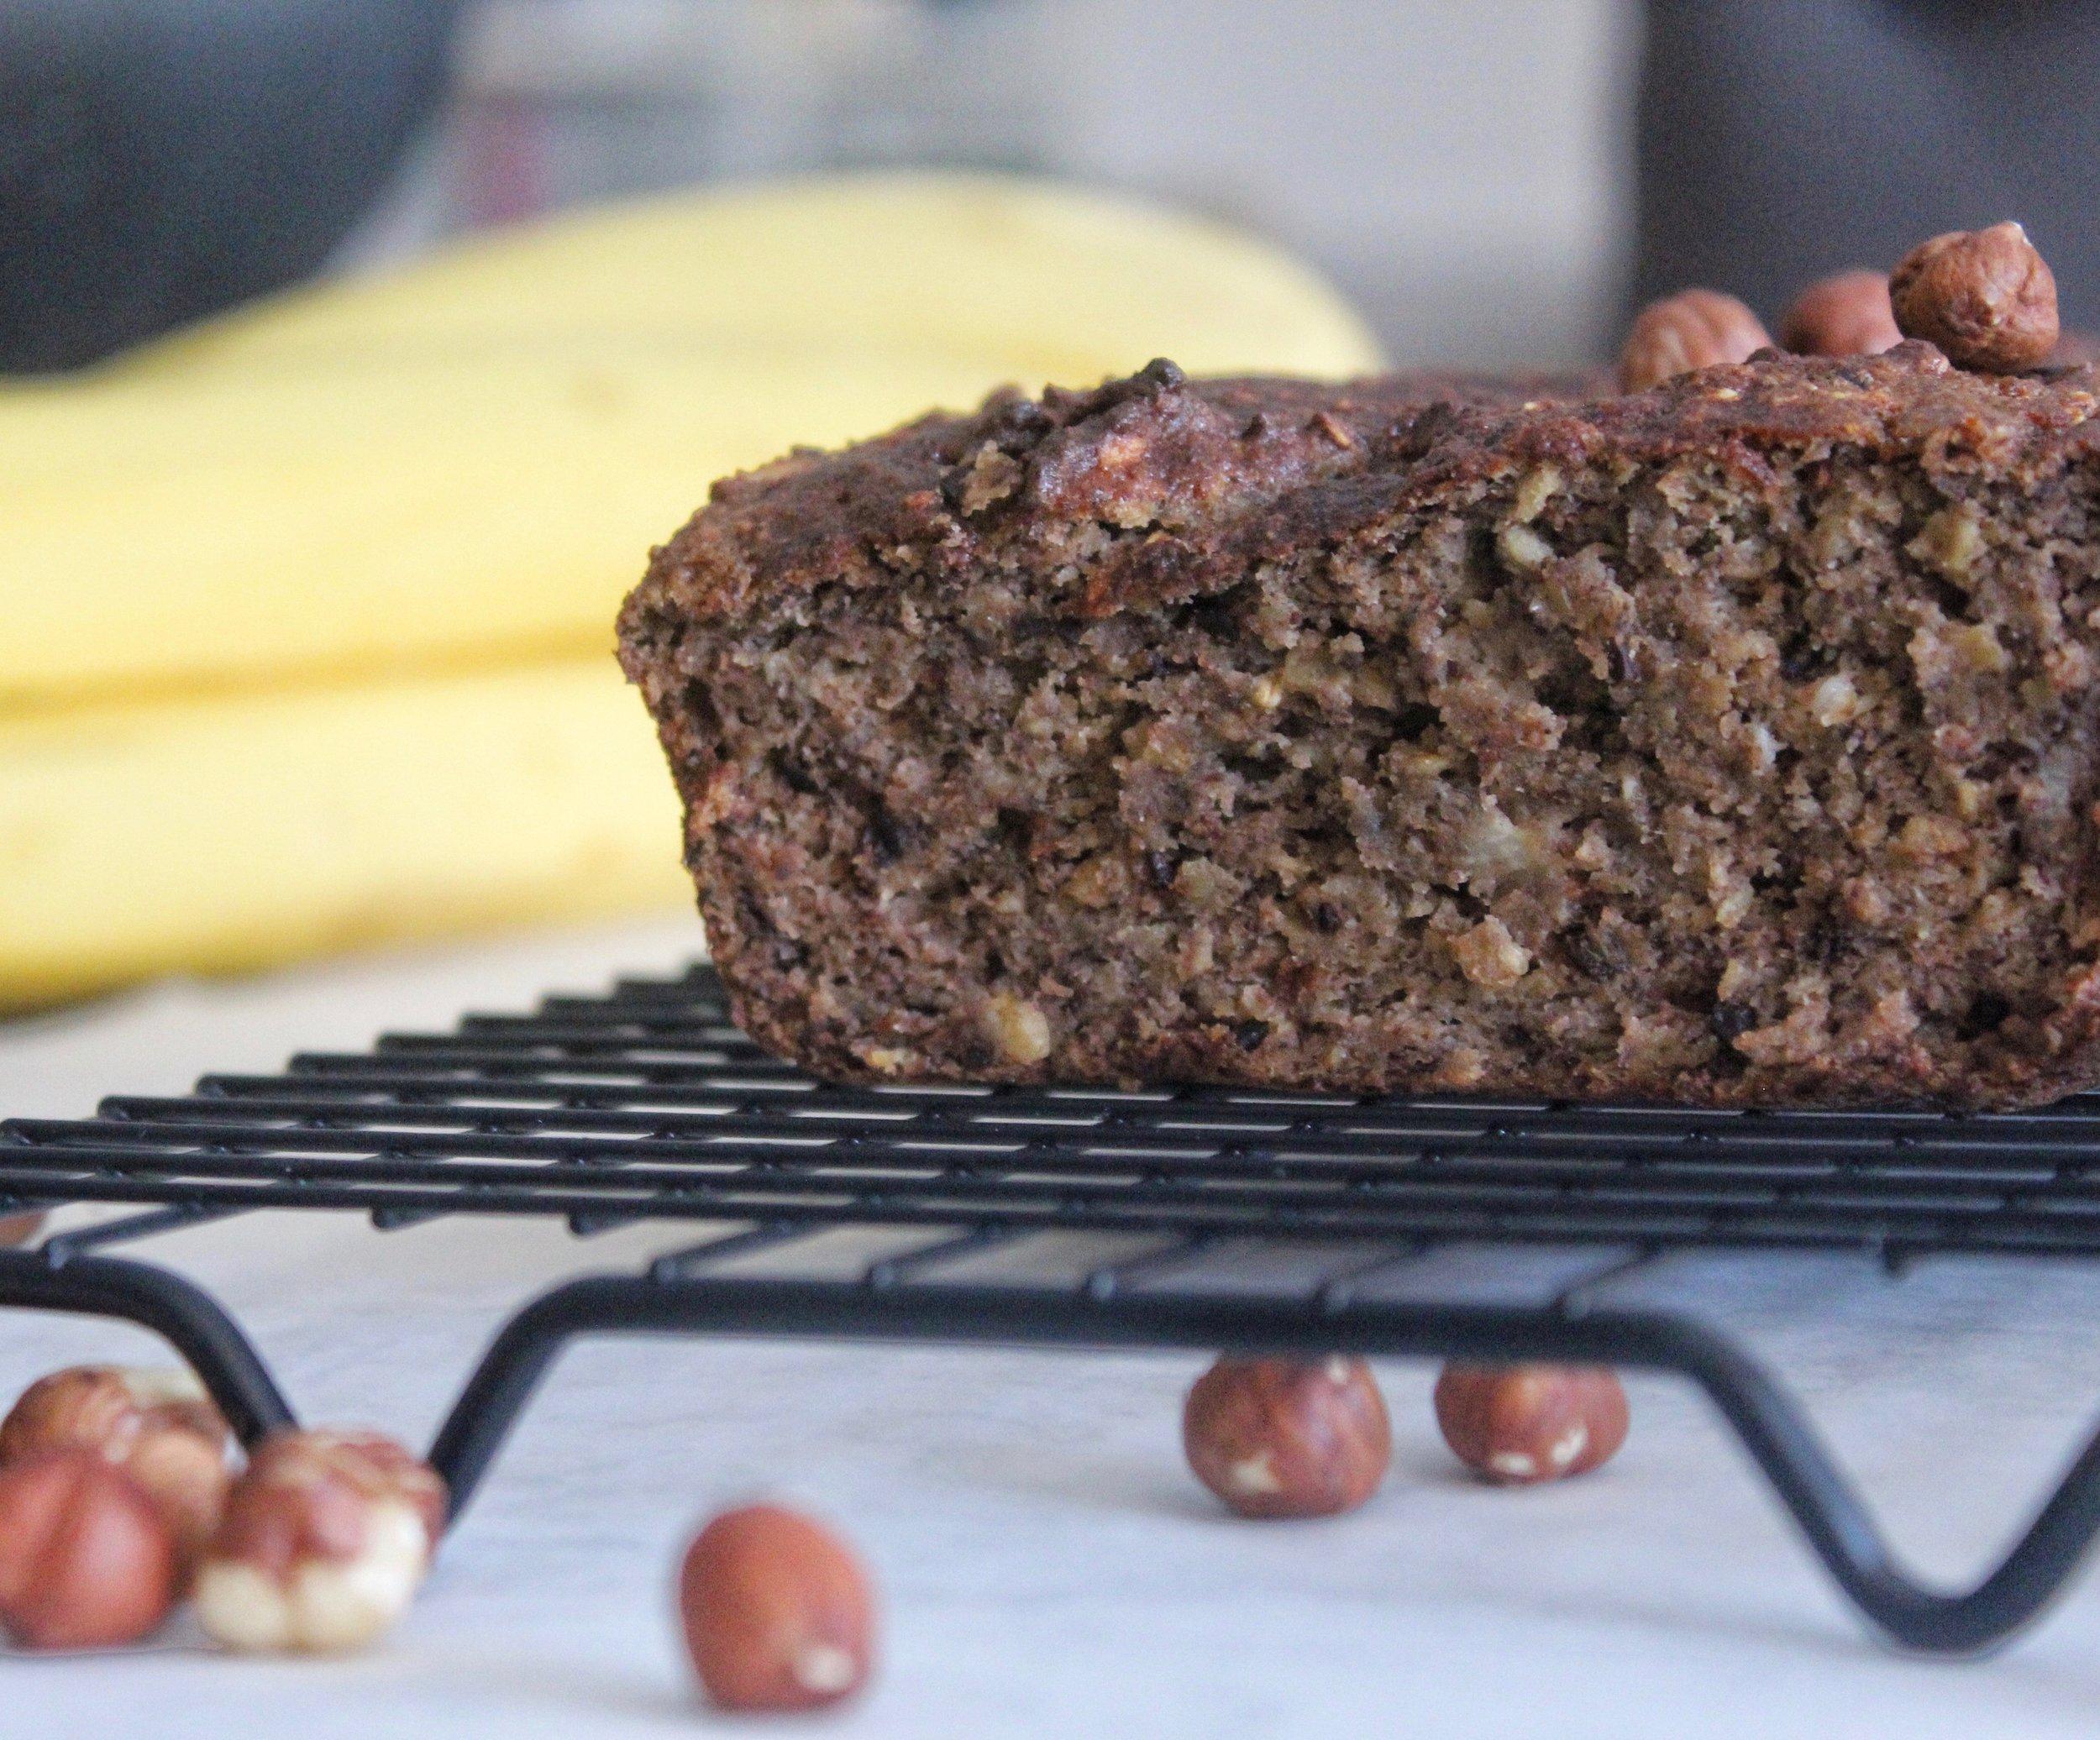 Réalisez la même recette mais avec de la farine de noisette !  Photo credit : Nutritionbyaurelia